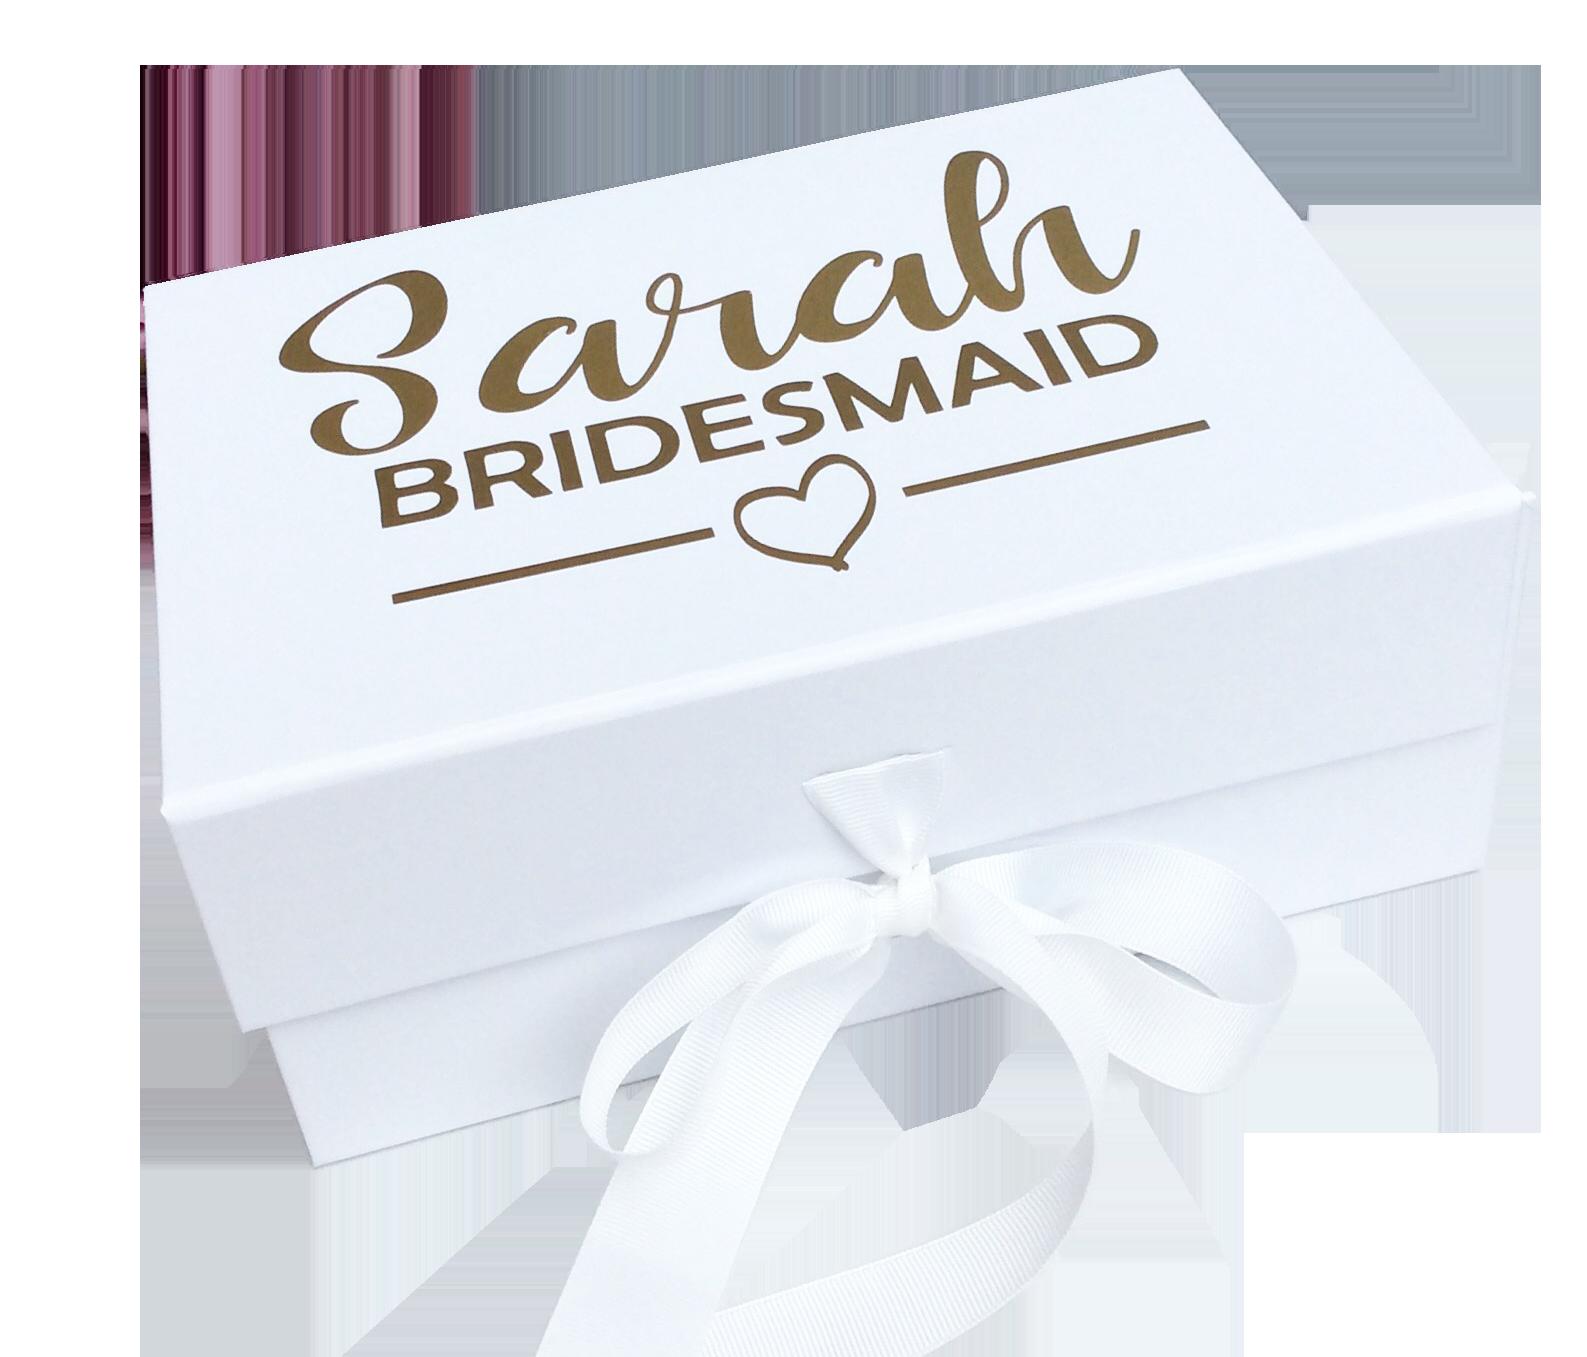 Personalised Bridesmaid Box Kiss Air Candles